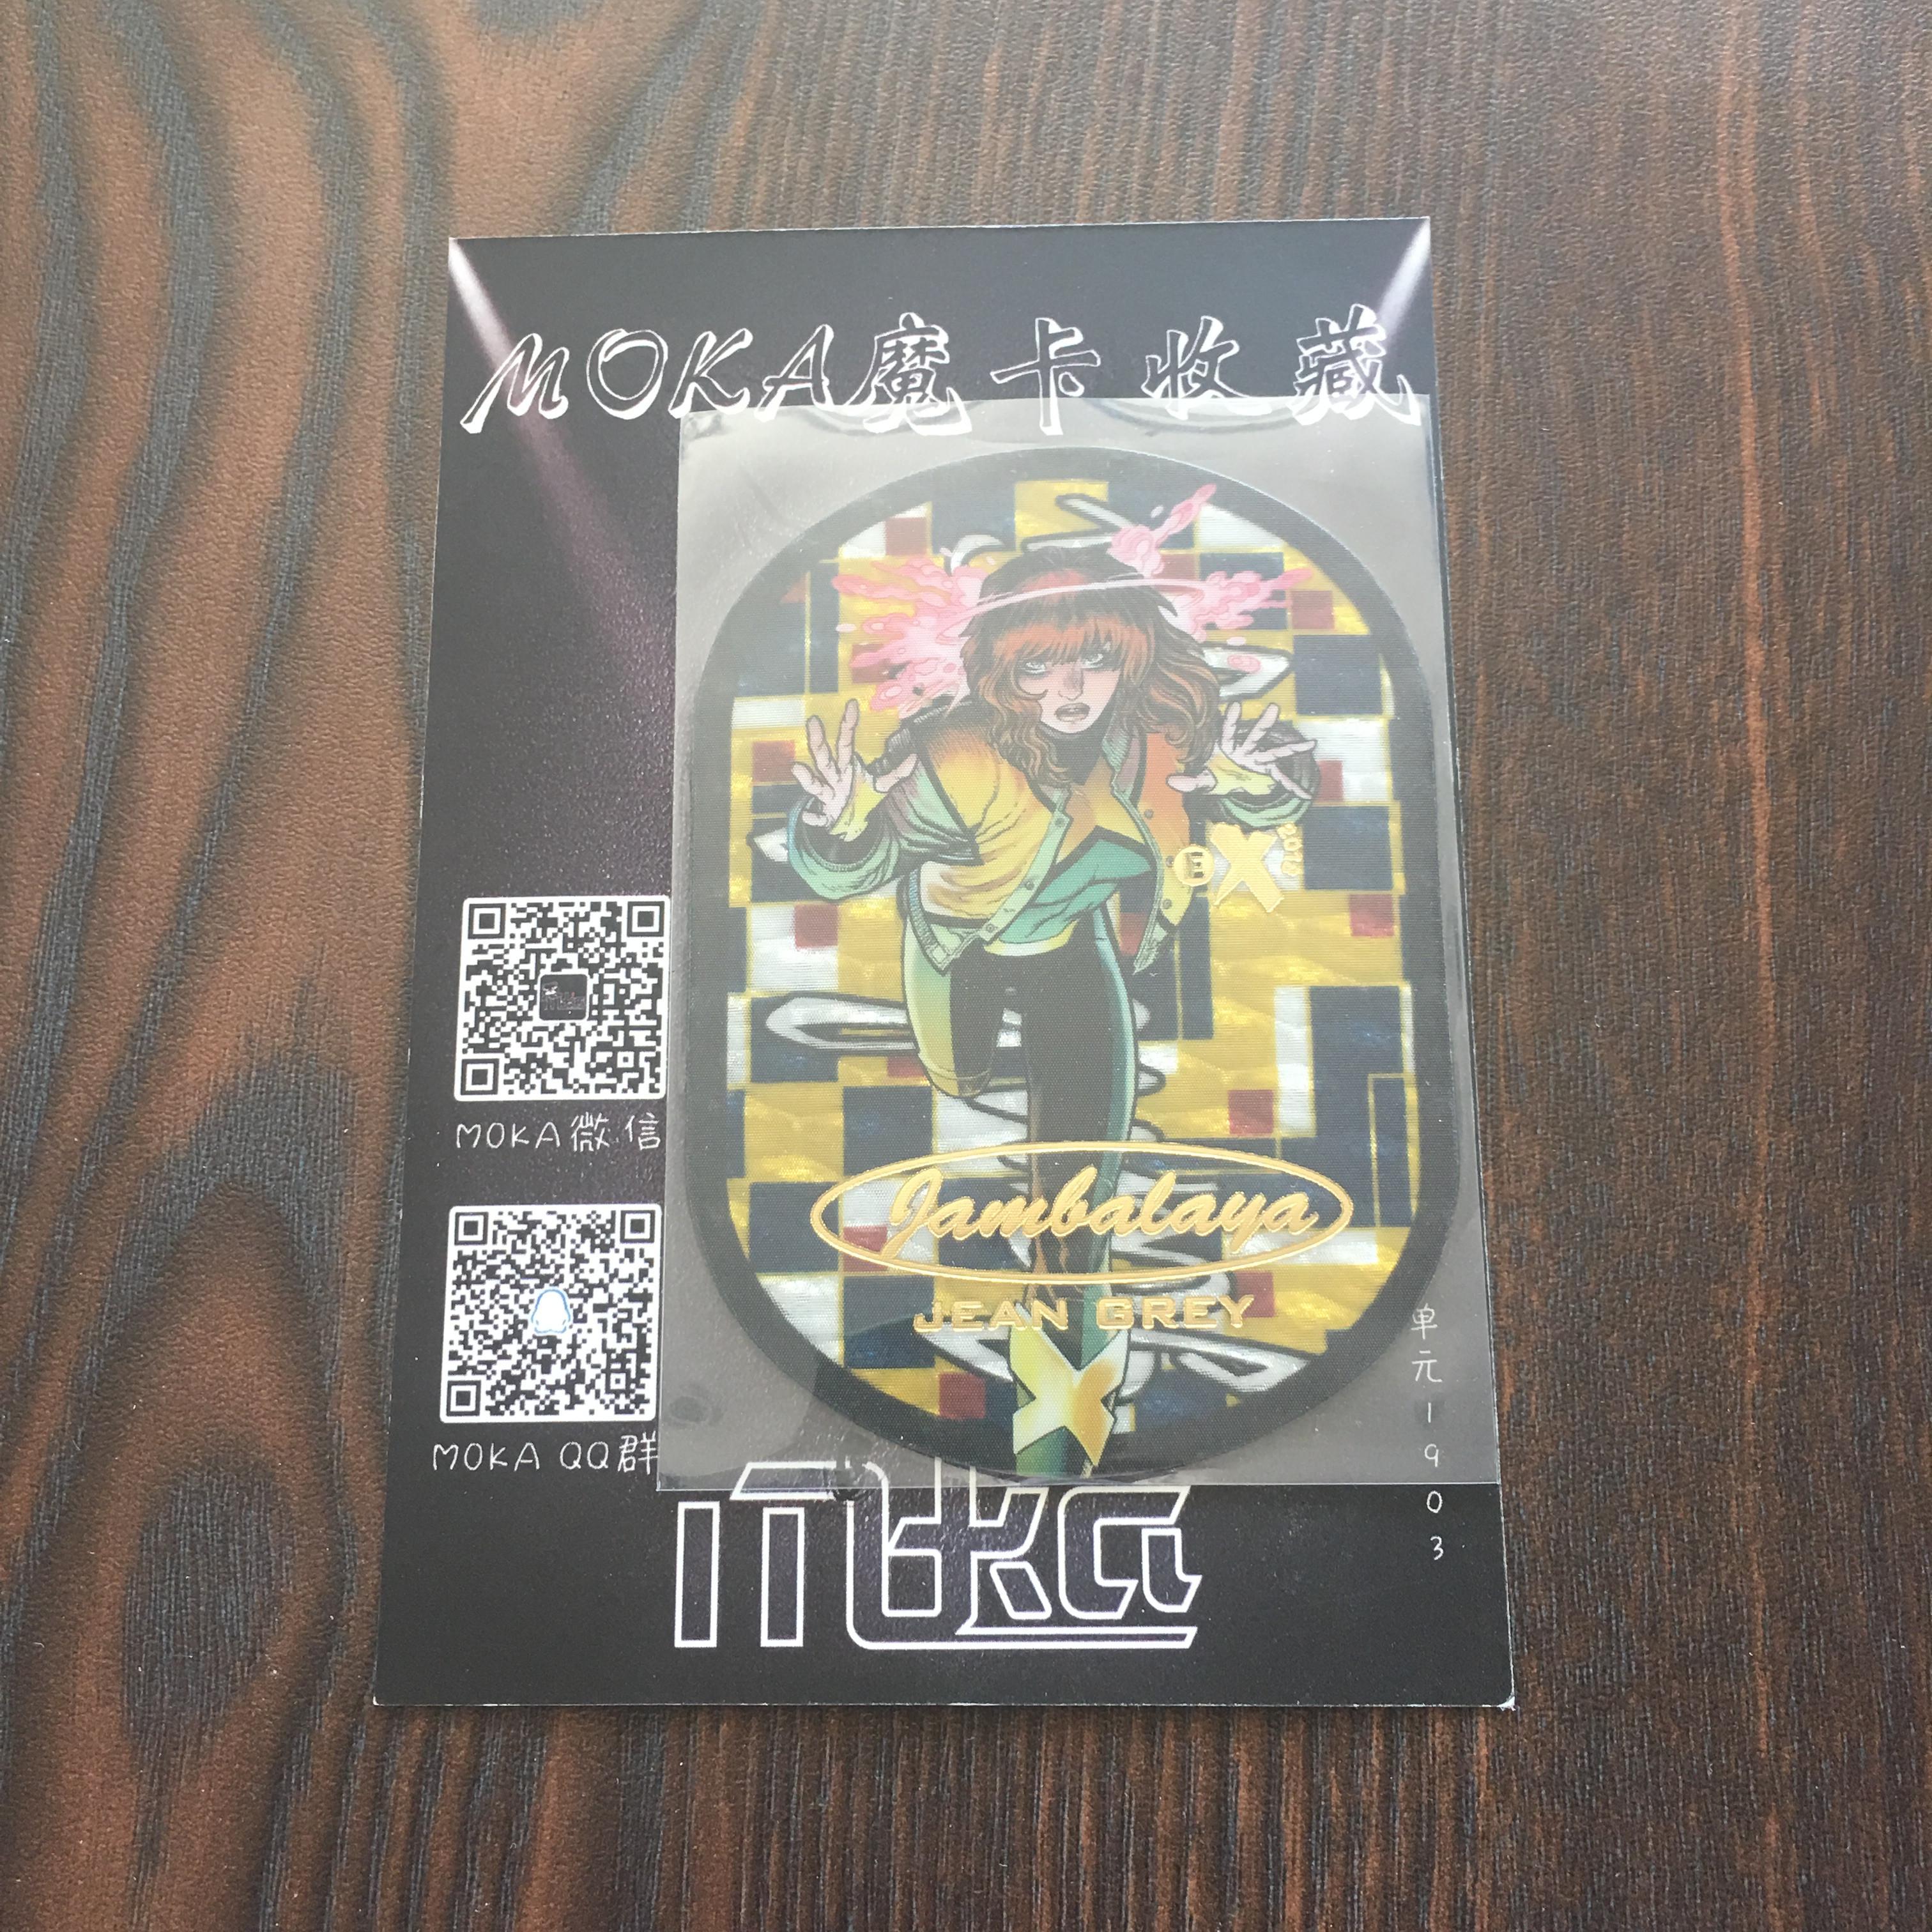 【MOKA球星卡收藏】#1804363 2018 Fleer X战警 蛋卡 大比例 9/30 凤凰女 复刻蛋卡